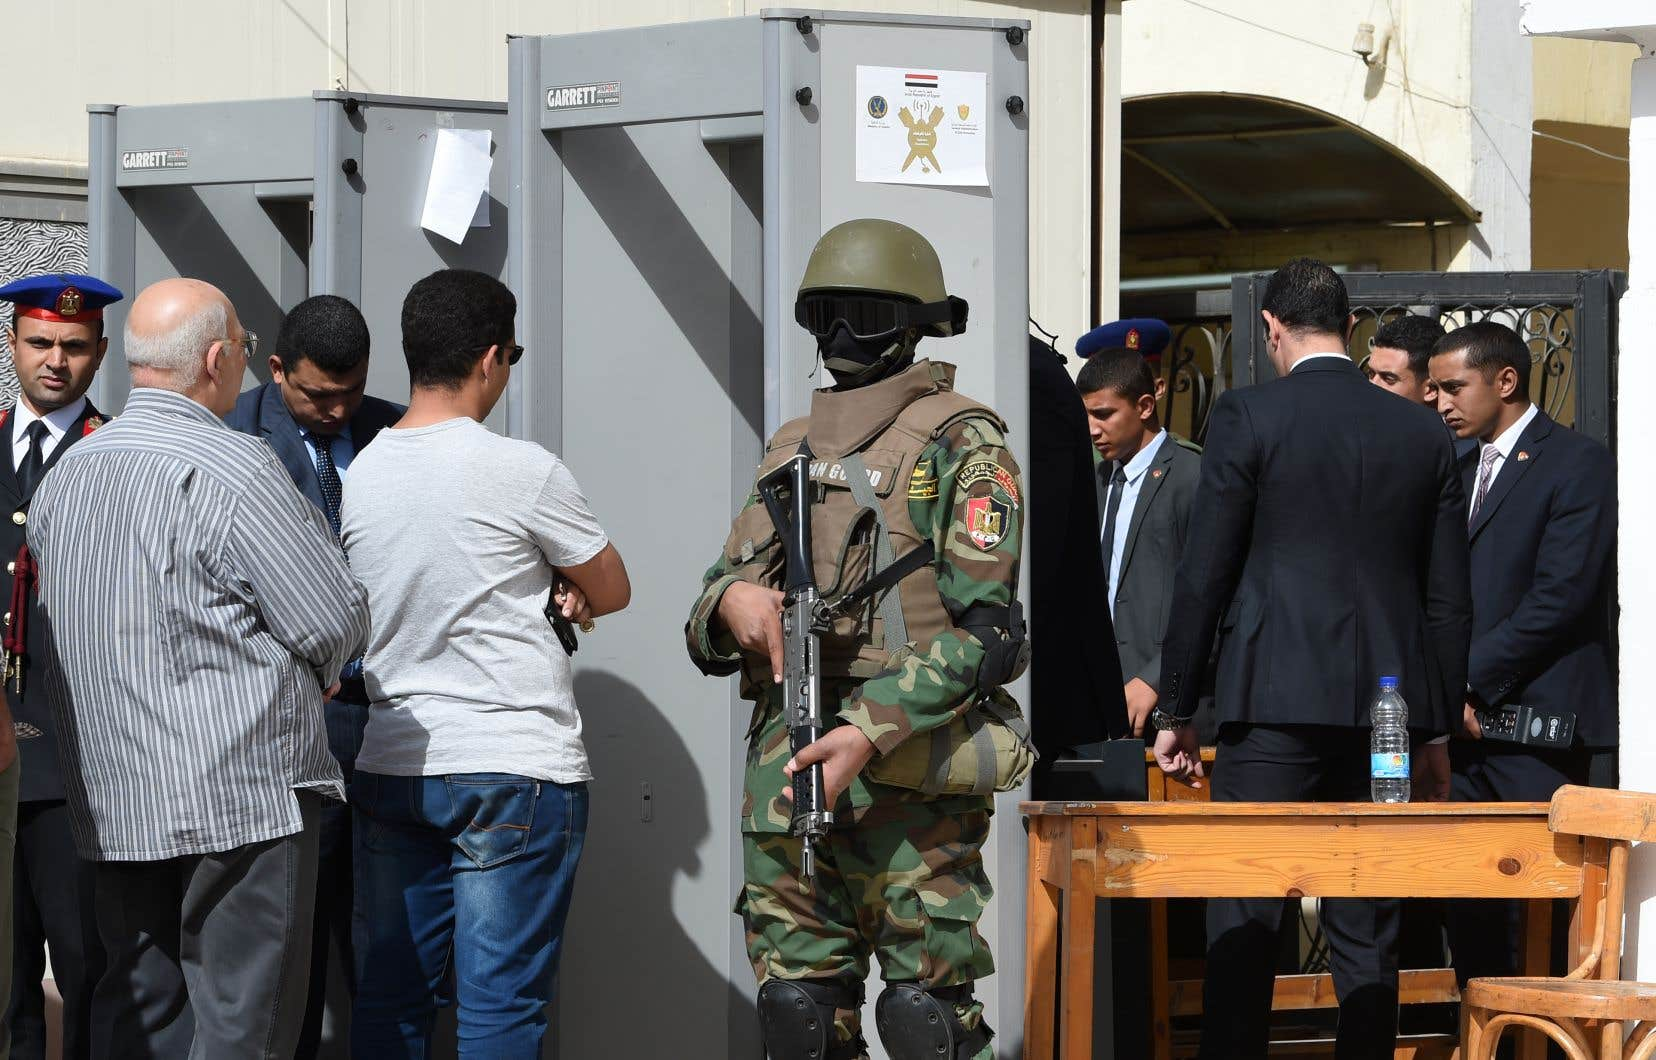 Les opérations de vote ont été placées sous haute surveillance.